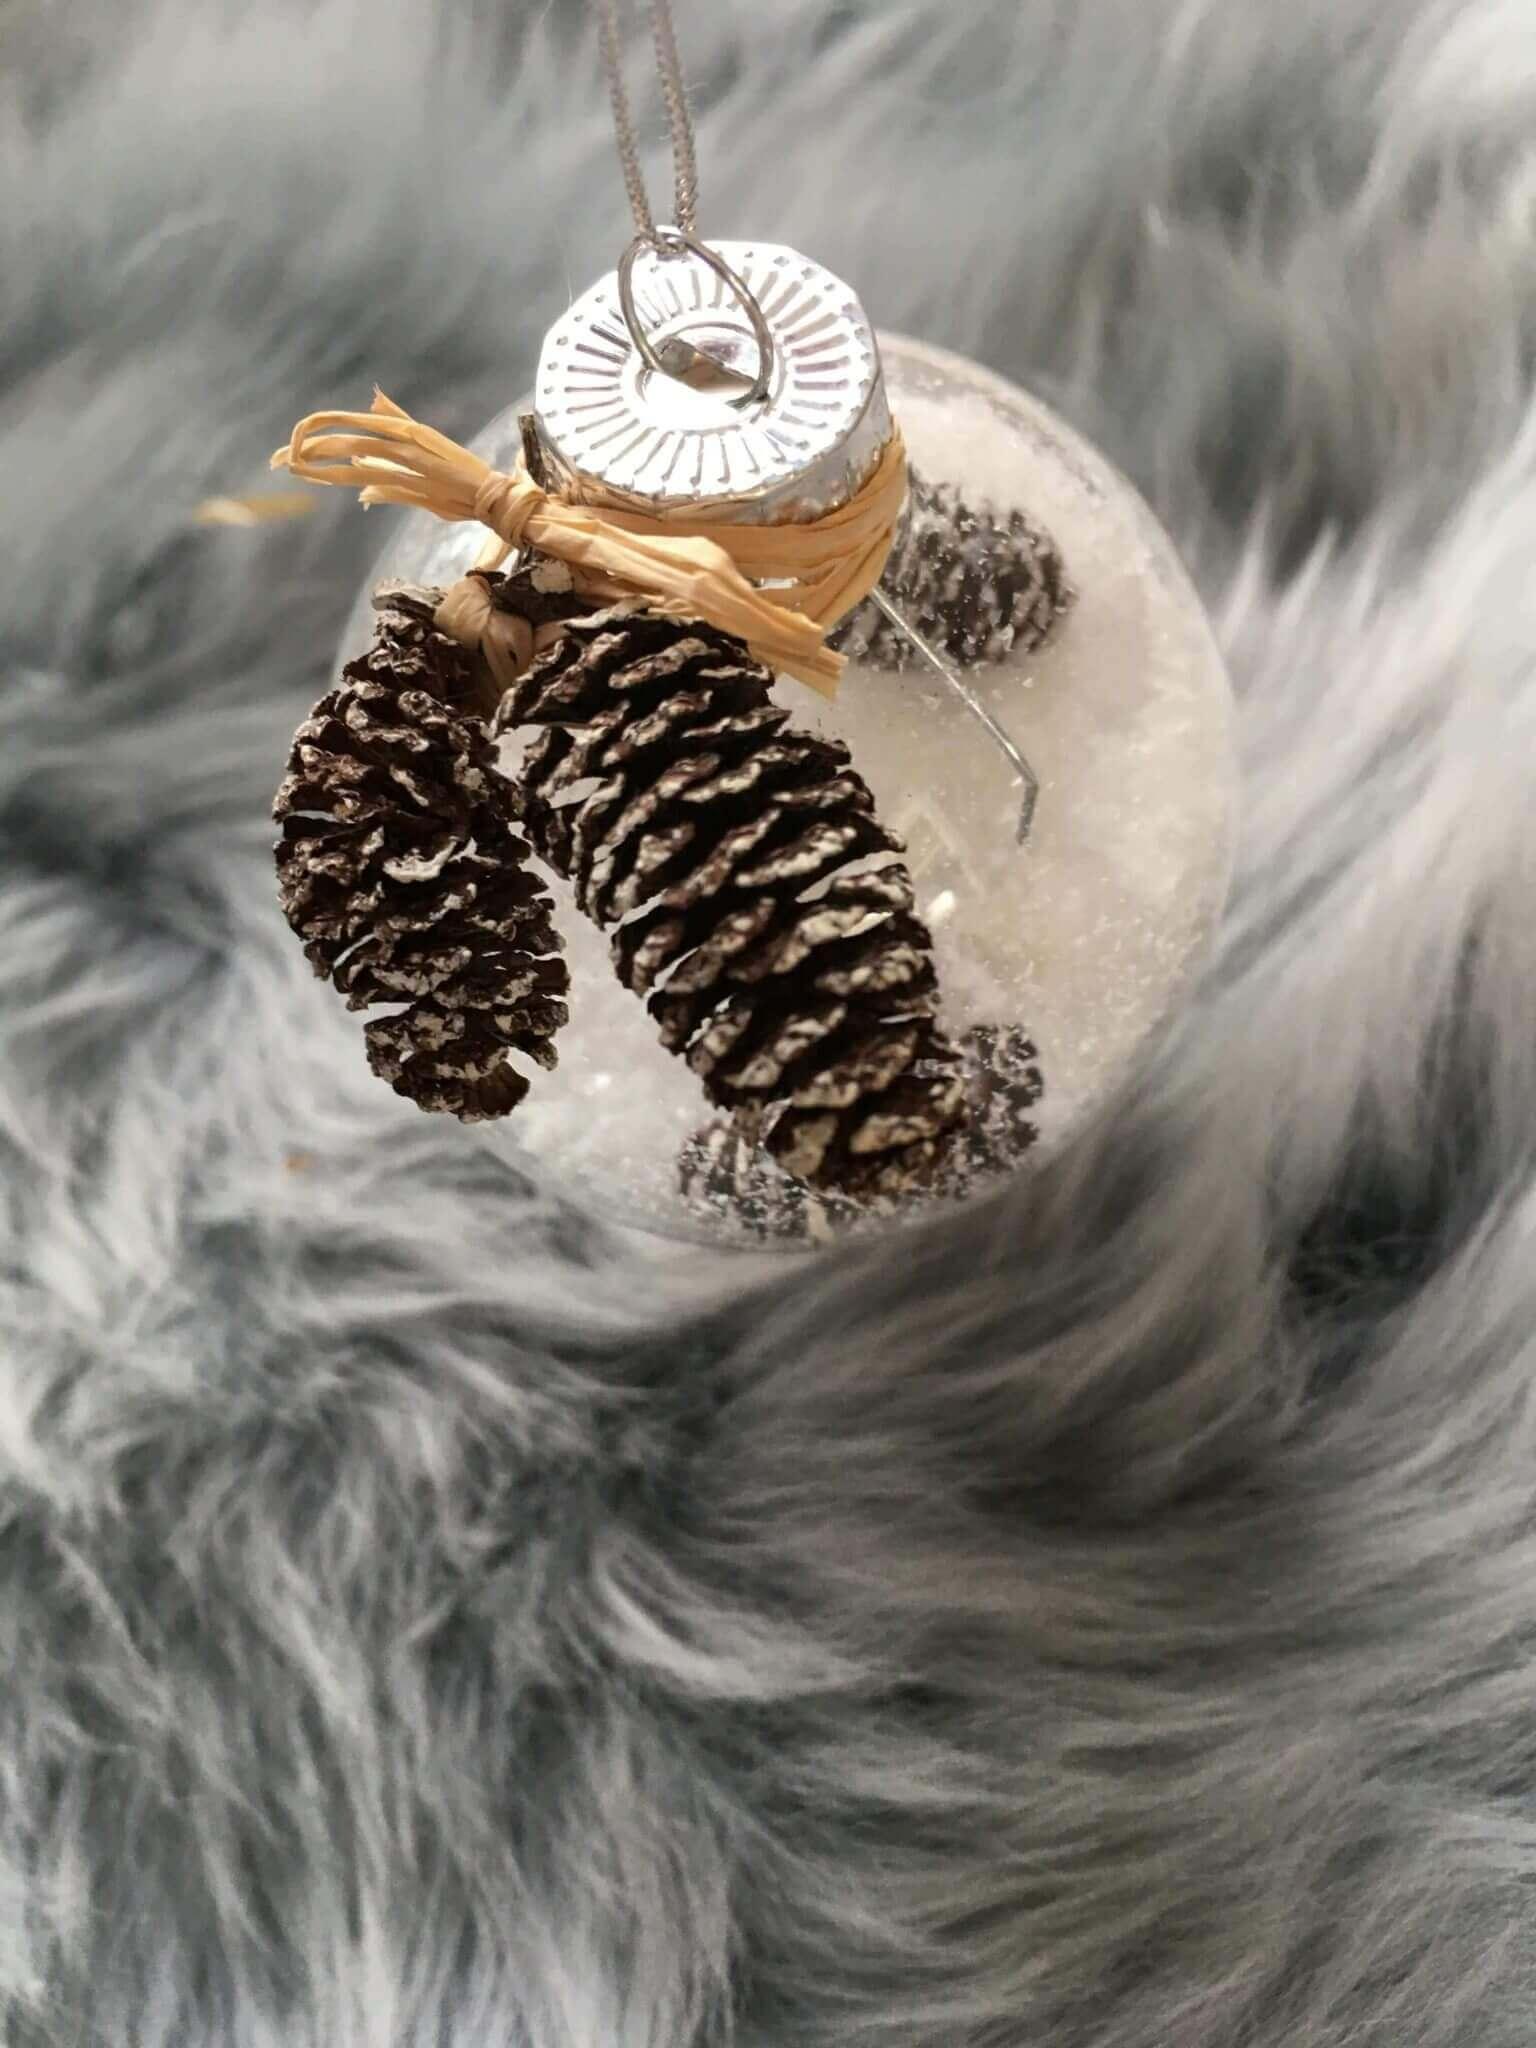 IMG 2344 - Es ist Zeit für Schmuck und Deko - Weil Weihnachten ist